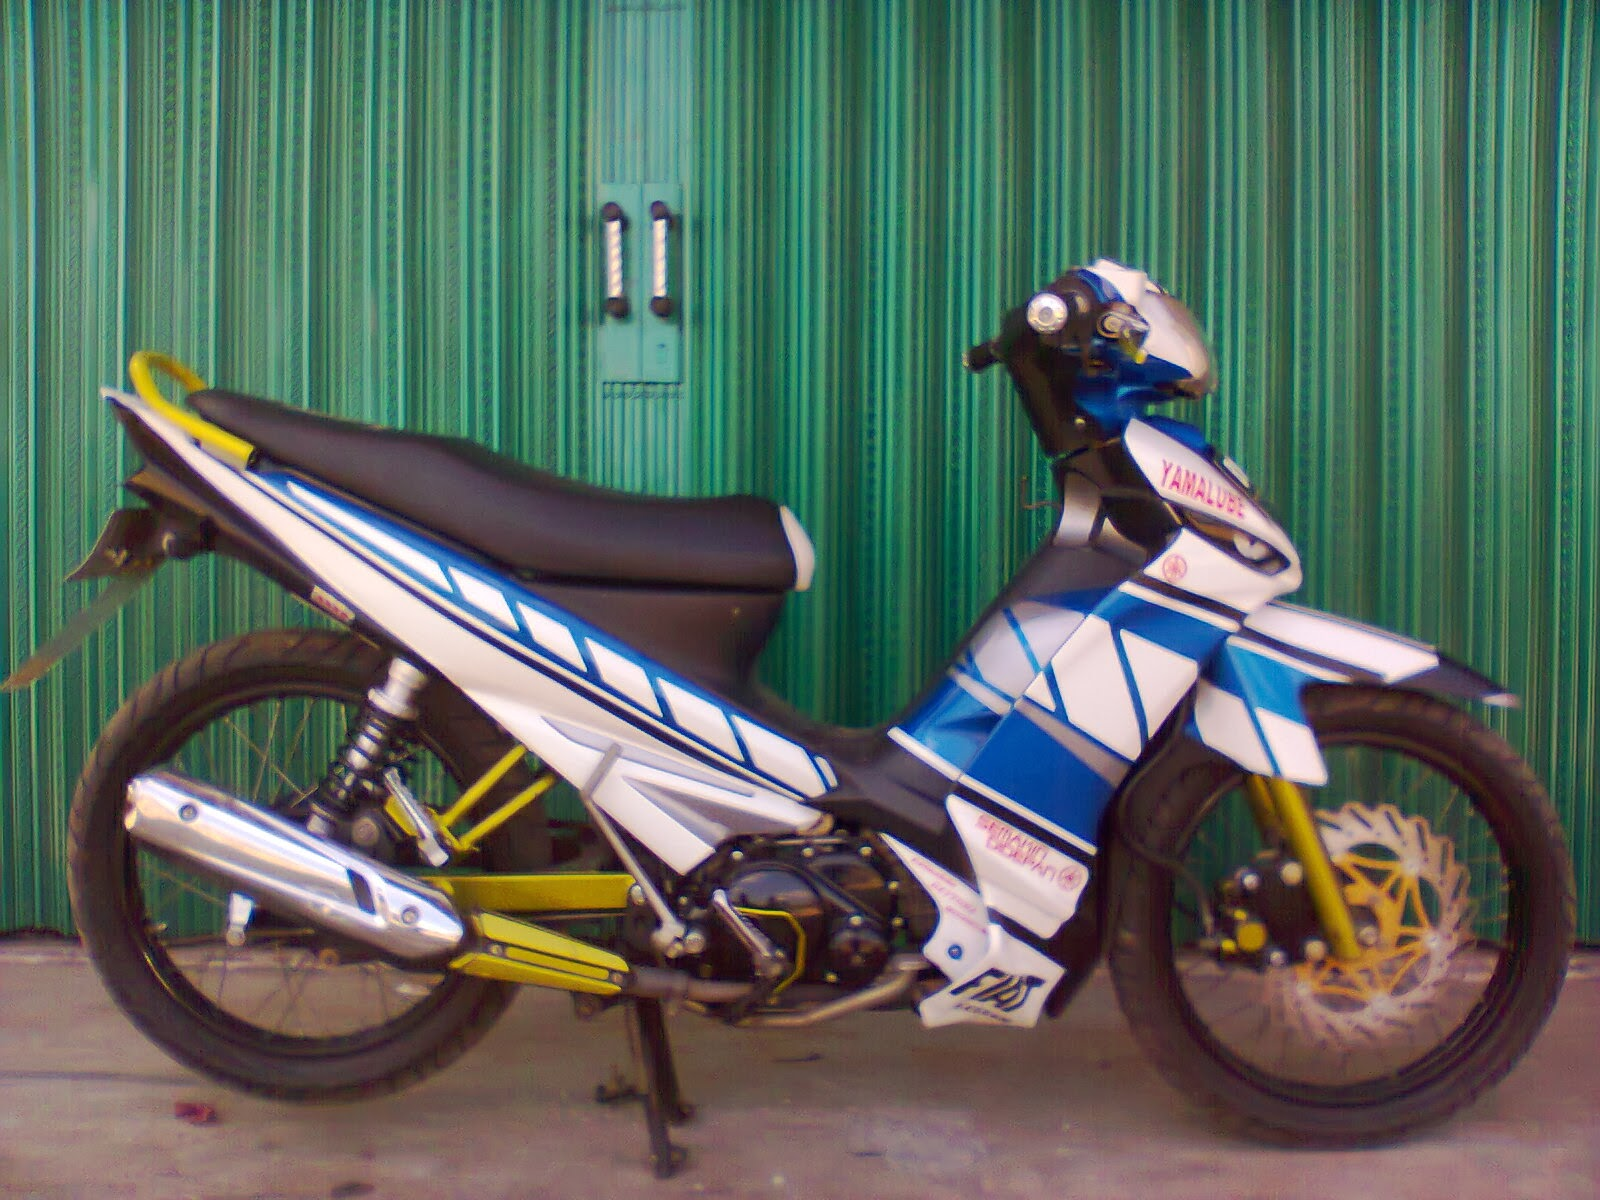 Modifikasi Motor Vega Zr Gambar Modif Yamaha Vega R Zr Tags Modifikasi